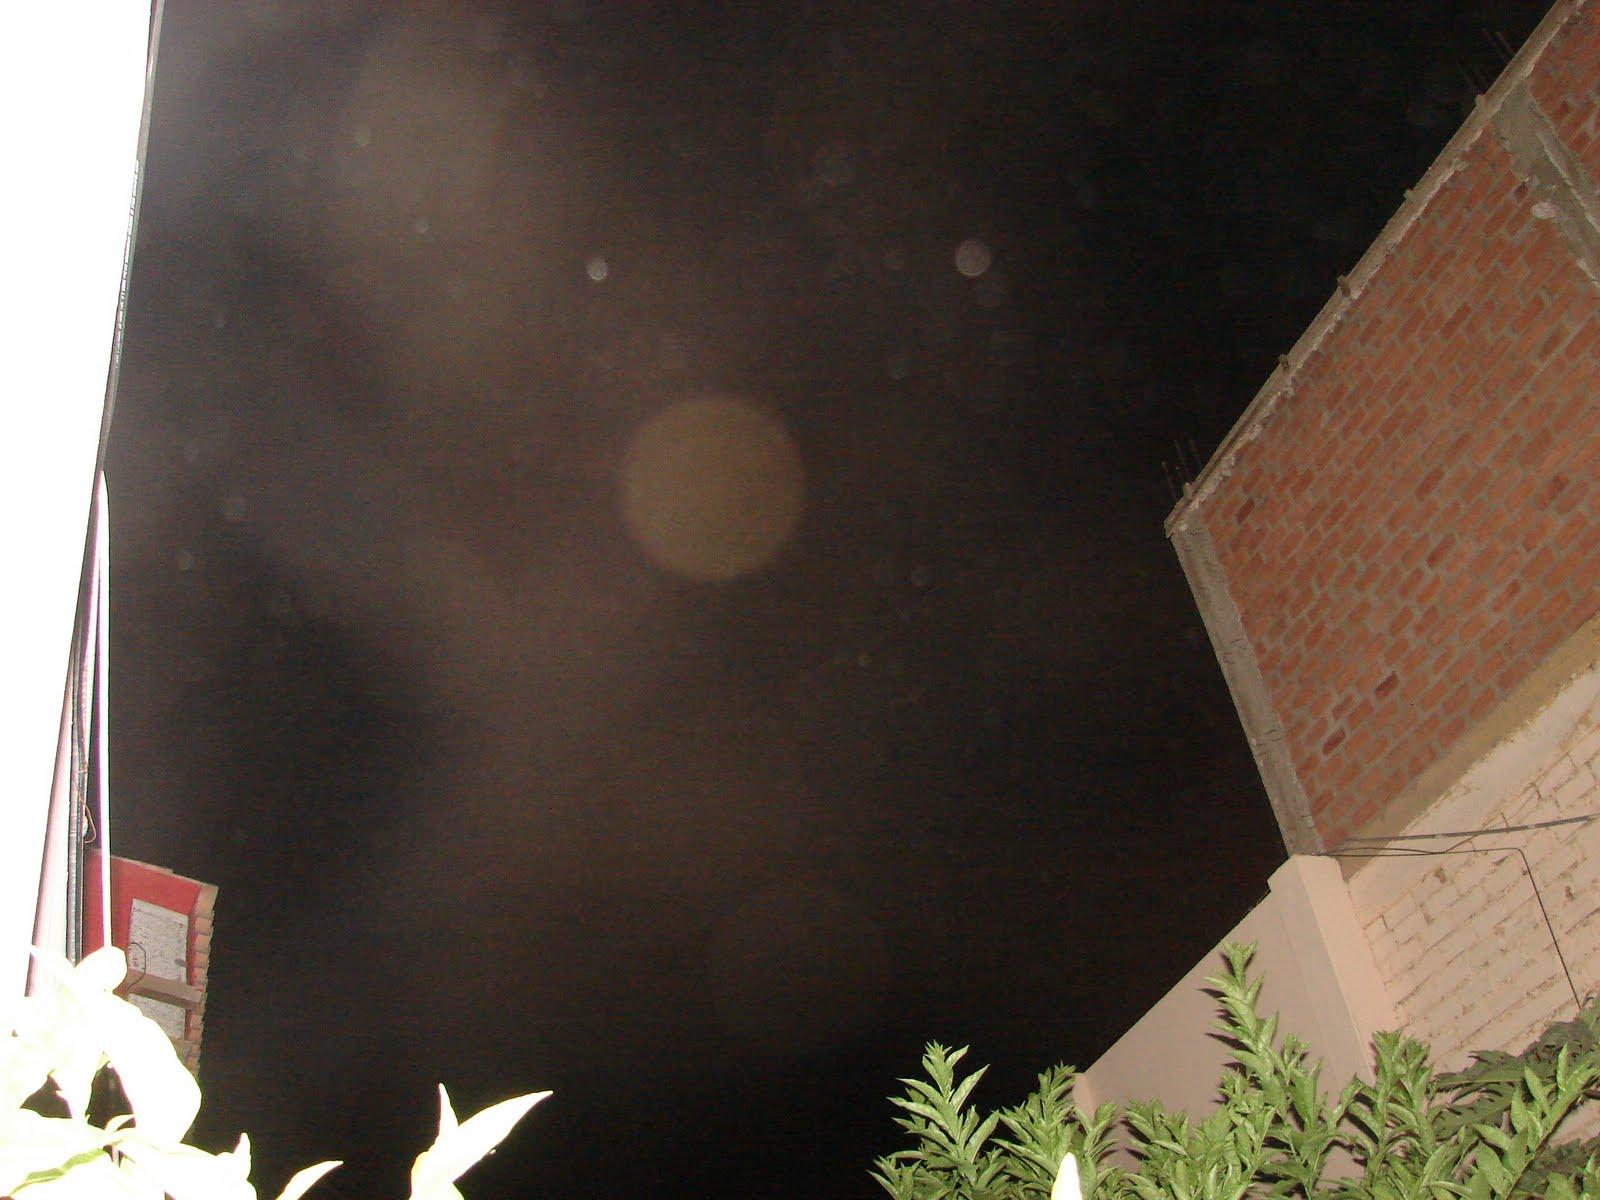 atencion -13-septiembre-14-15-16-17...2011 5ta noche la ´´X´´ rojisa ALIEN en Cielo mensaje álertas